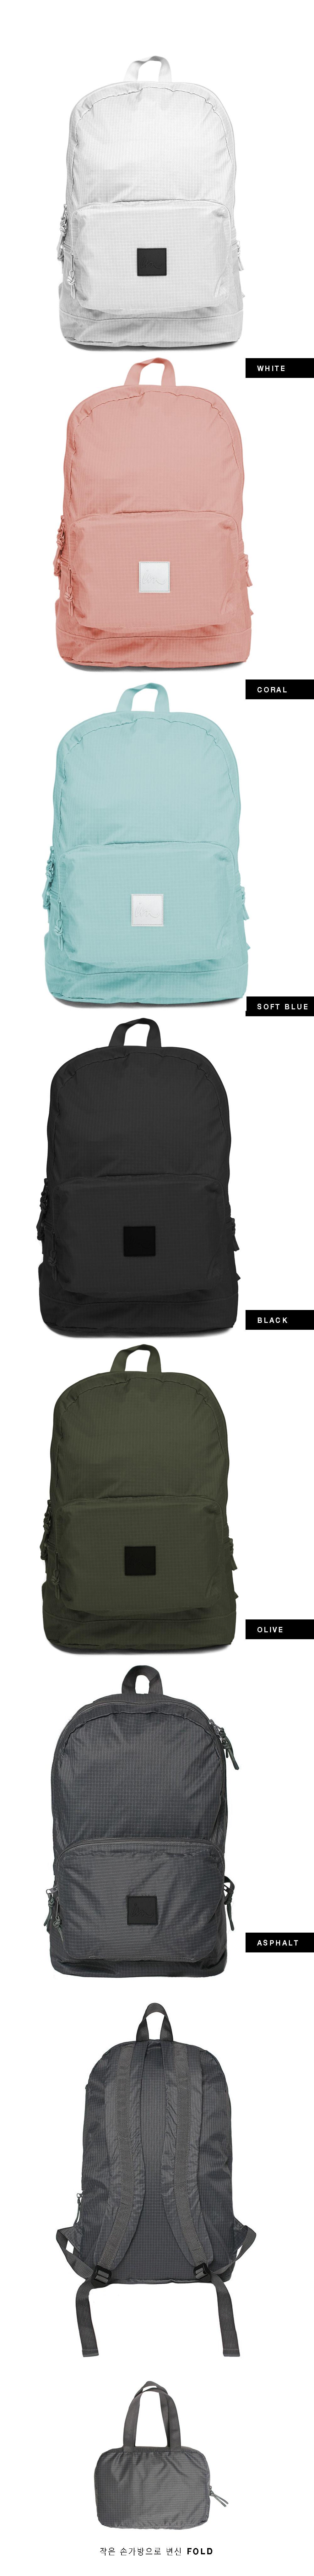 NCTpackback_all_detail.jpg